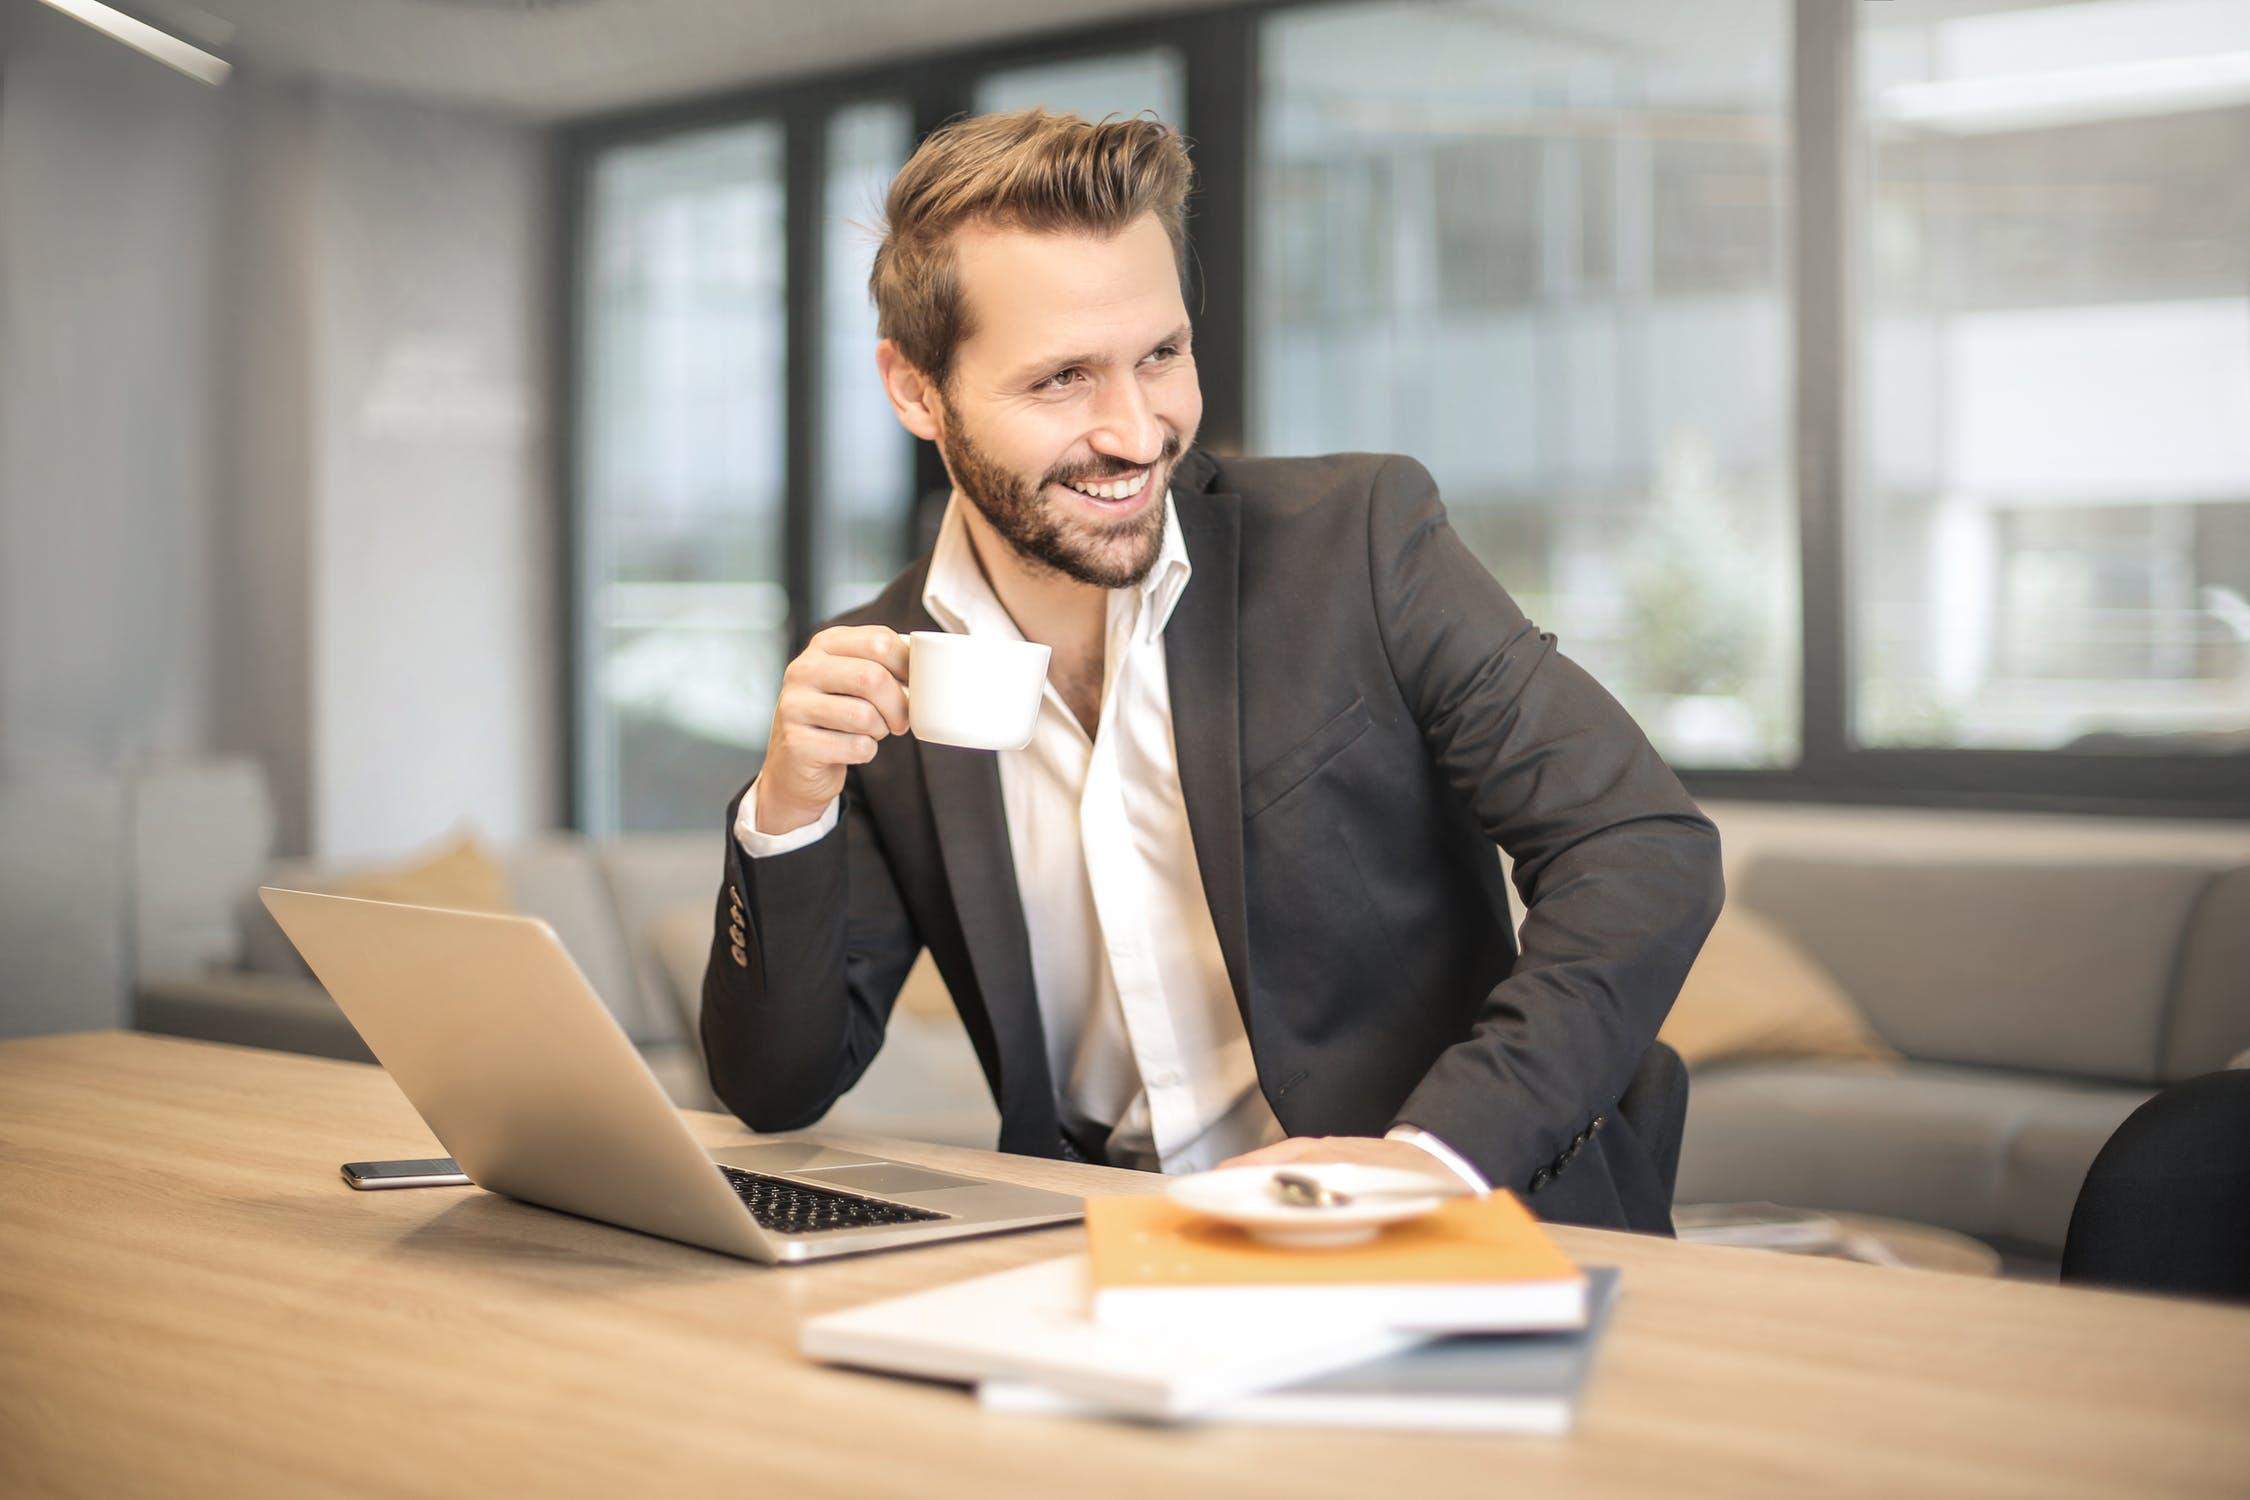 boss, coffee, worker, employee, smile